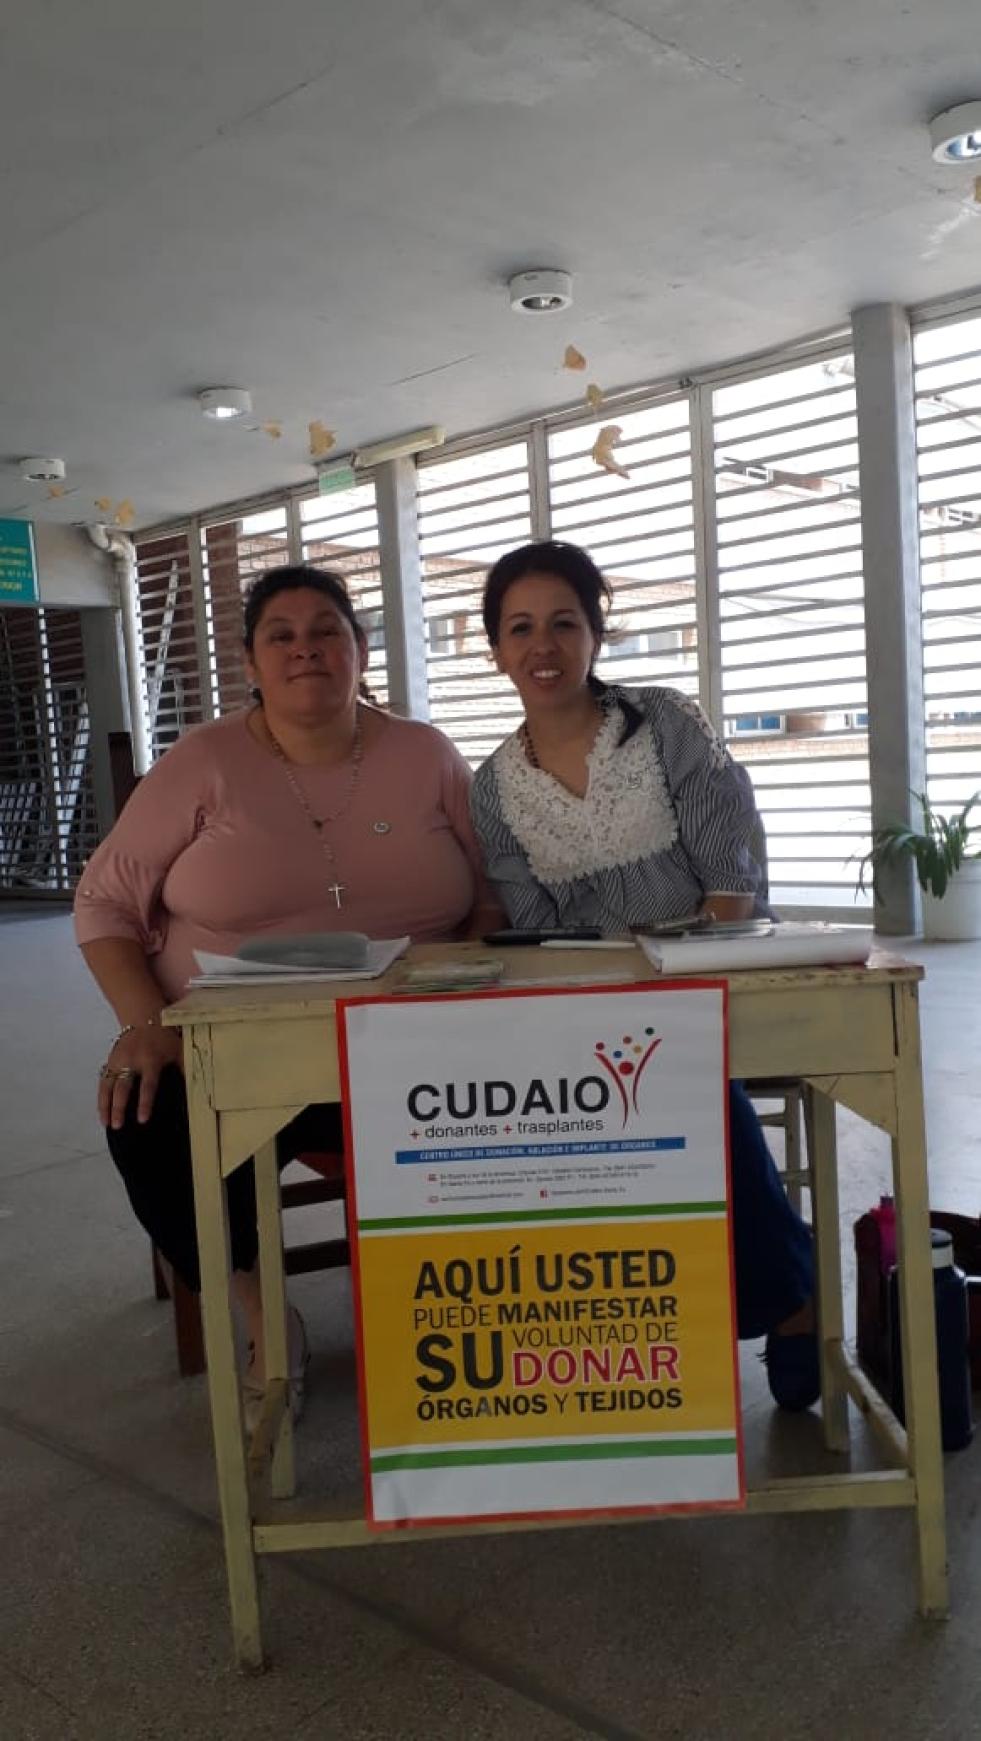 27102019 elecciones jóvenes comprometidos con la donación de organos CUDAIO C.jfif